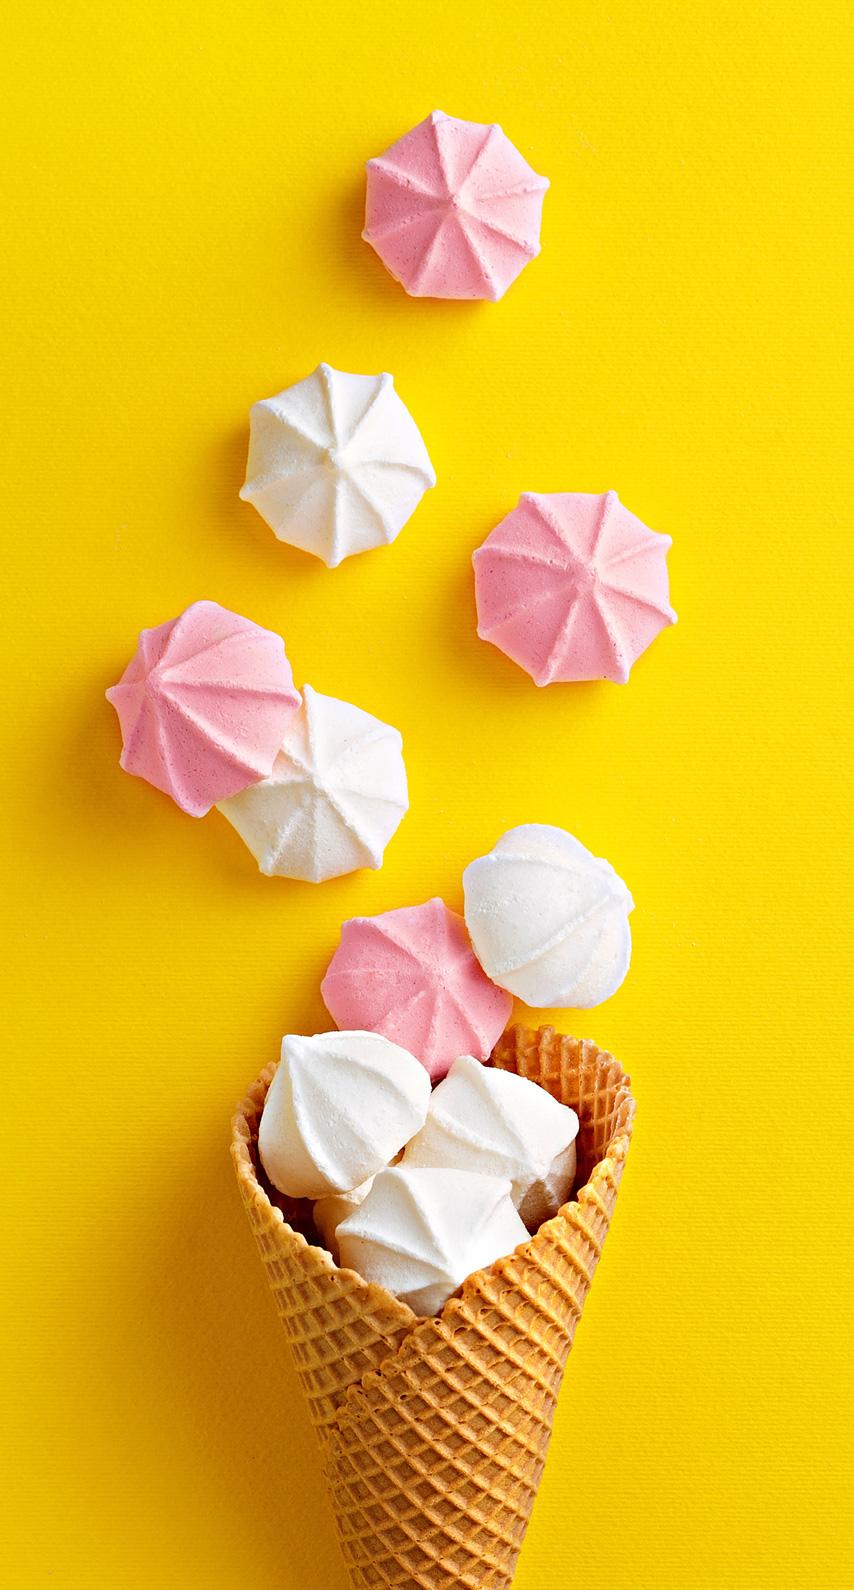 art paper, origami paper, ice cream cone